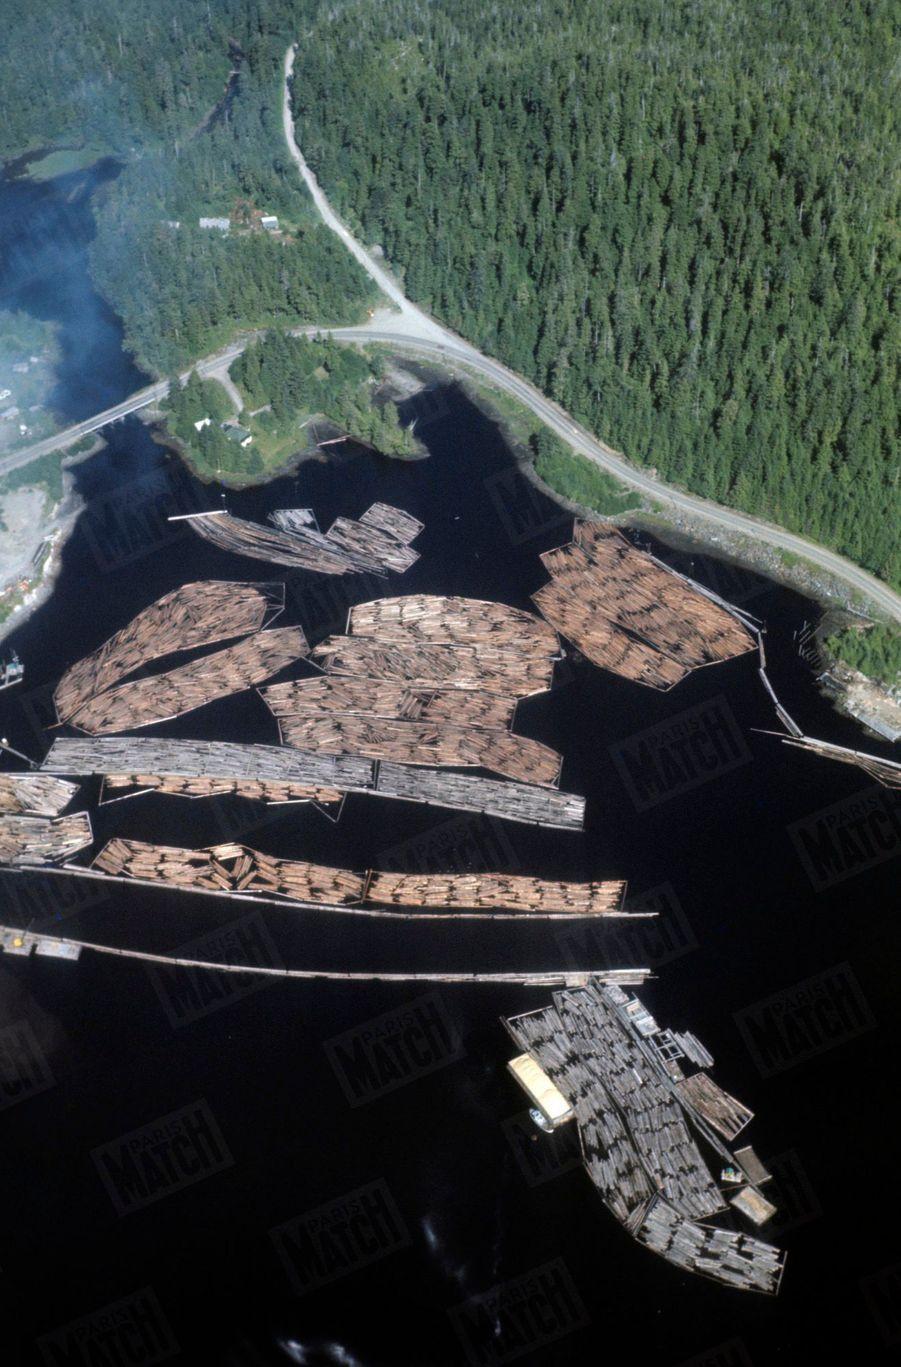 « Sauf au Grand Nord, où le sol, gelé jusqu'à 300 mètres de profondeur, ne dégèle l'été qu'en surface (permafrost), la forêt est partout : décor des livres de Jack London et de Curwood. C'était, avant la découverte du pétrole, une des deux grandes richesses de l'Alaska (l'autre étant la pêche). Le seul moyen de transport est évidemment le flottage, puisque le pays n'a ni route ni chemin de fer. Le flottage peut durer des semaines au travers des fjords (la longueur de côtes de l'Alaska est supérieure à celle des 49 autres Etats américains). Le bois est traité dans des usines pour faire de la pâte à papier. Certaines sont japonaises et fabriquent ici le célèbre papier japon. » - Paris Match n°1063, 20 septembre 1969